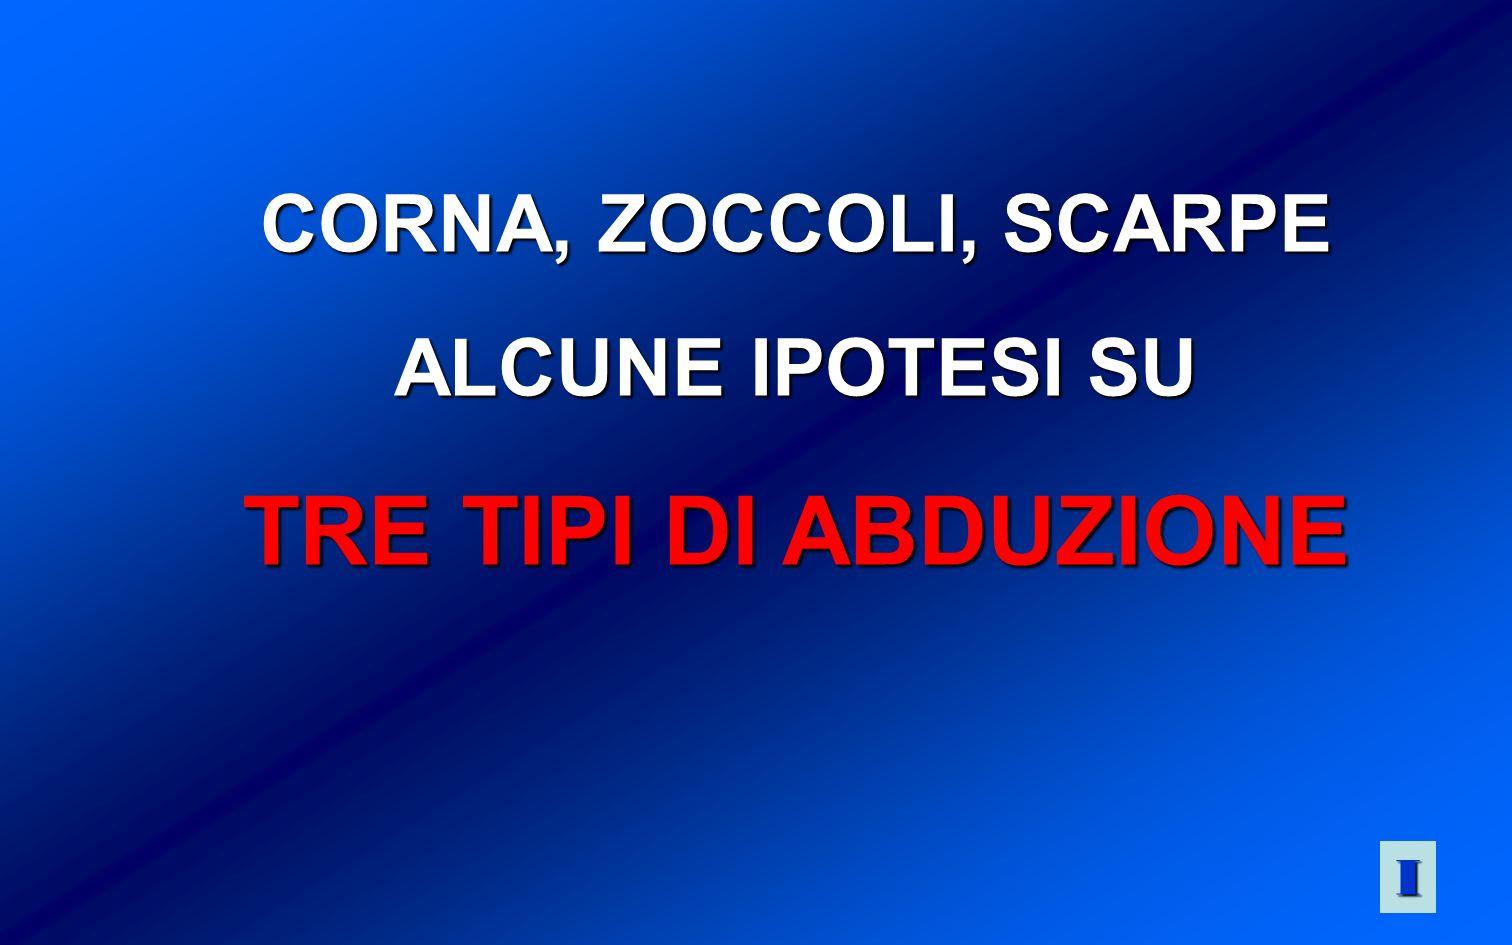 CORNA, ZOCCOLI, SCARPE ALCUNE IPOTESI SU TRE TIPI DI ABDUZIONE I